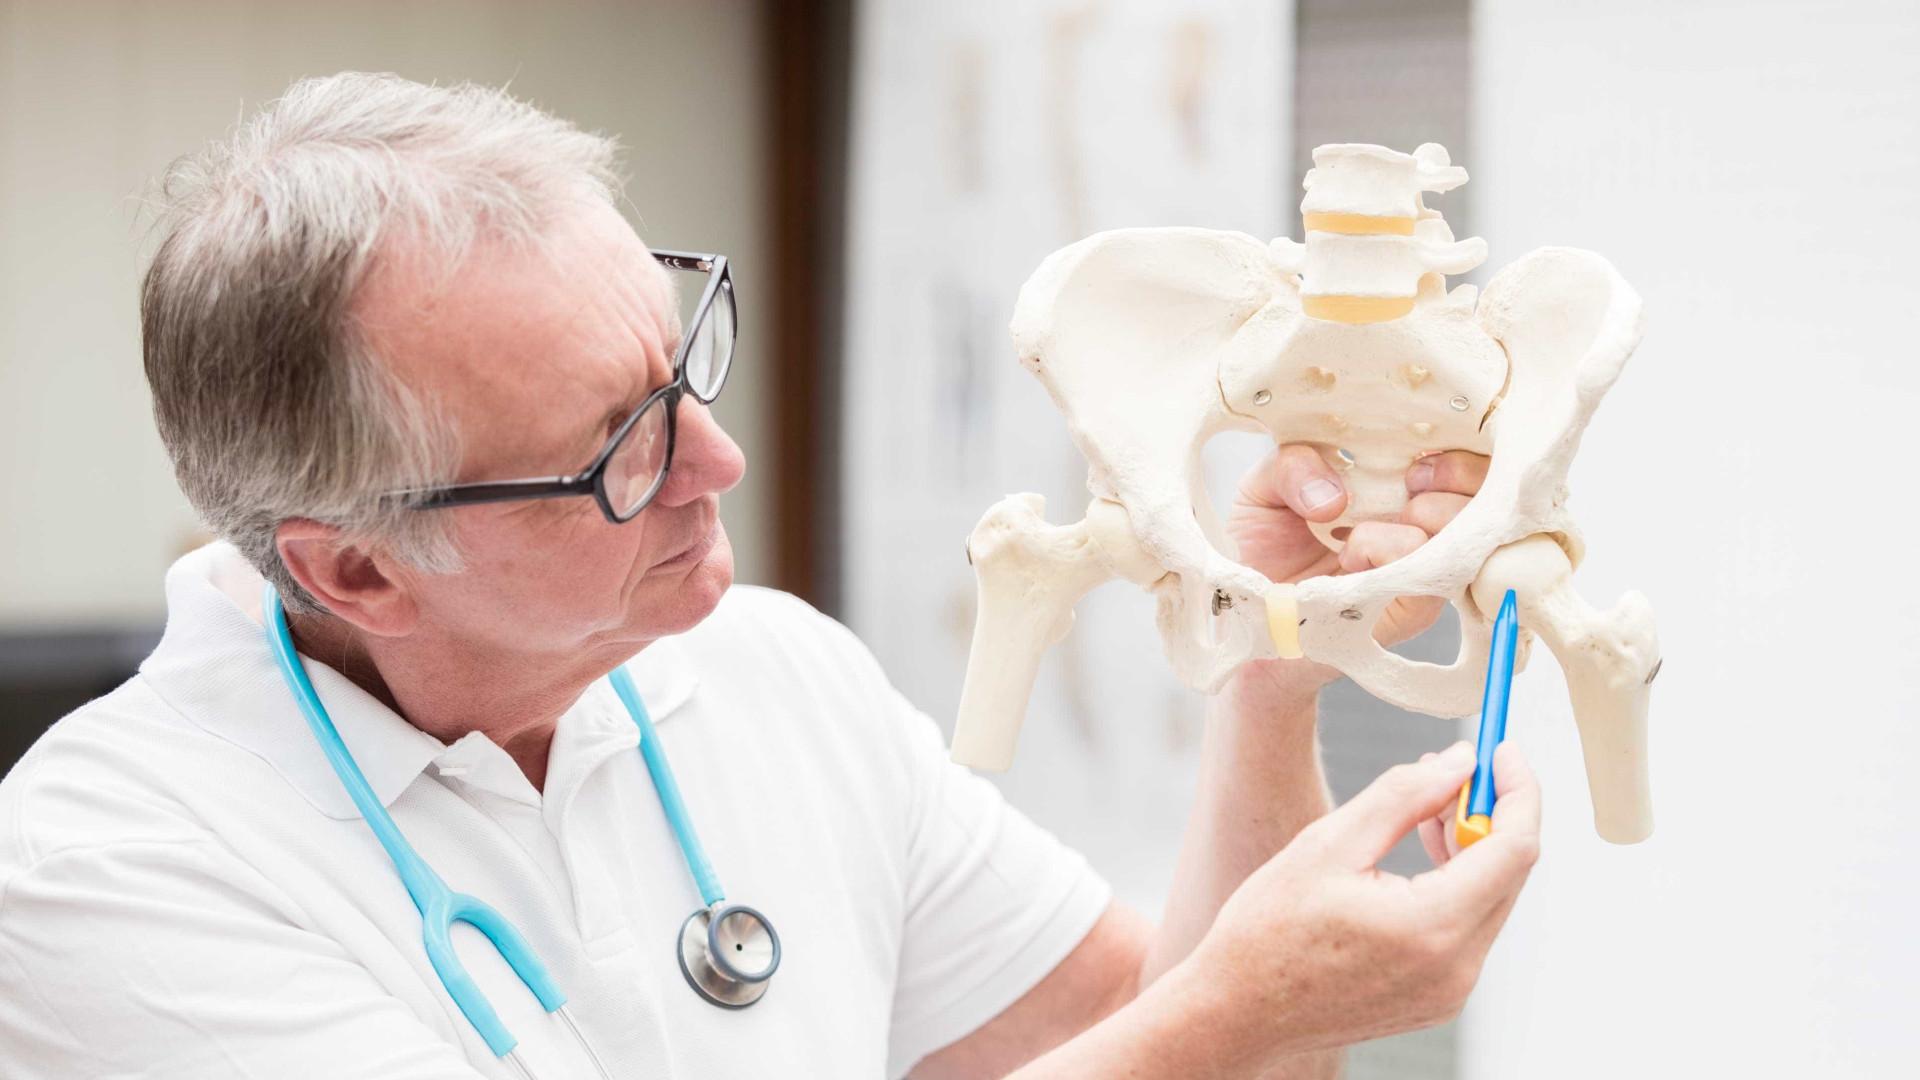 Vitamina D e cálcio não previnem fraturas ósseas